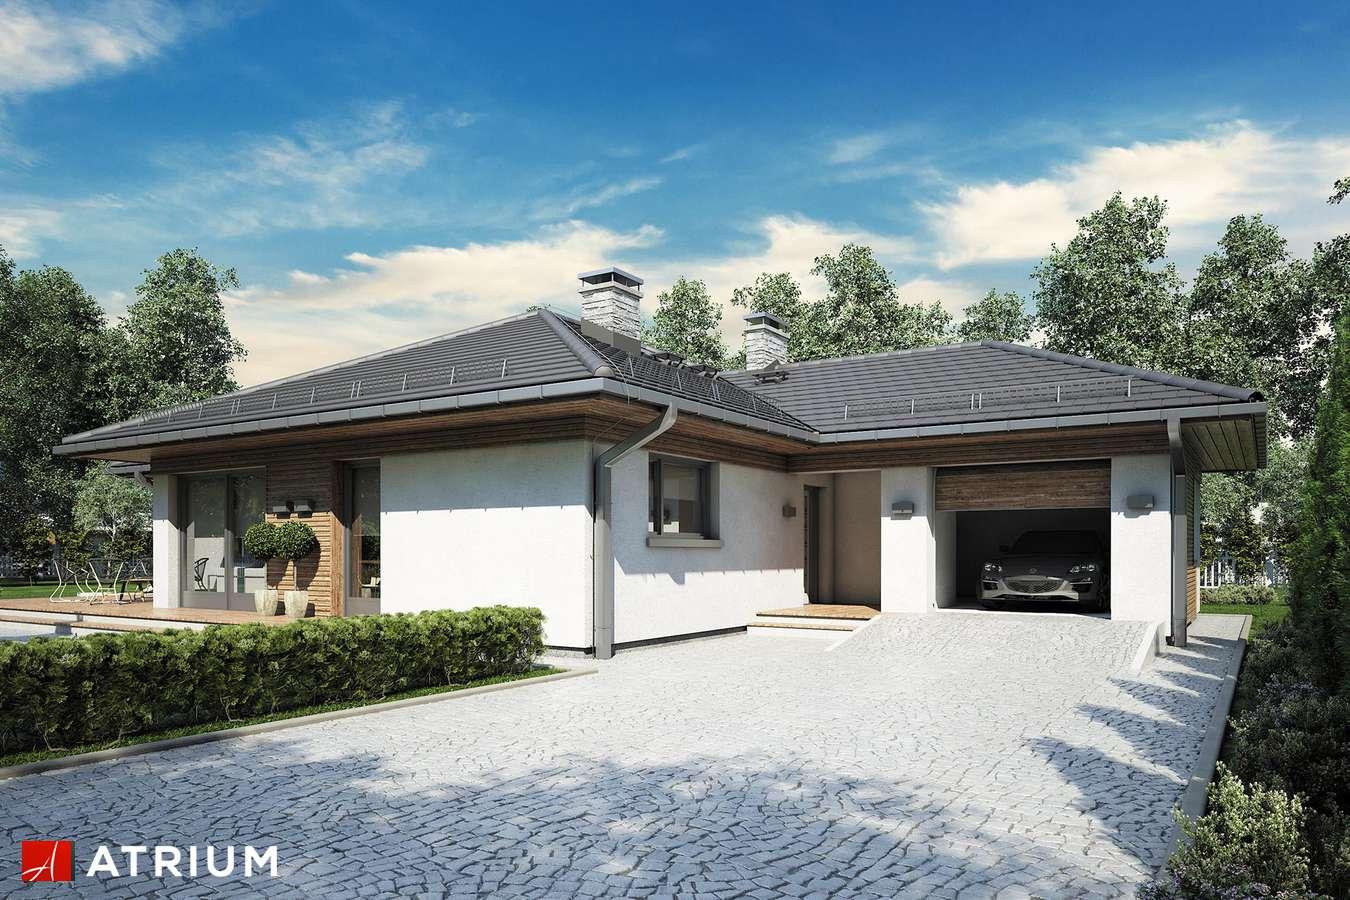 Projekty domów - Projekt domu parterowego MERIDA - wizualizacja 1